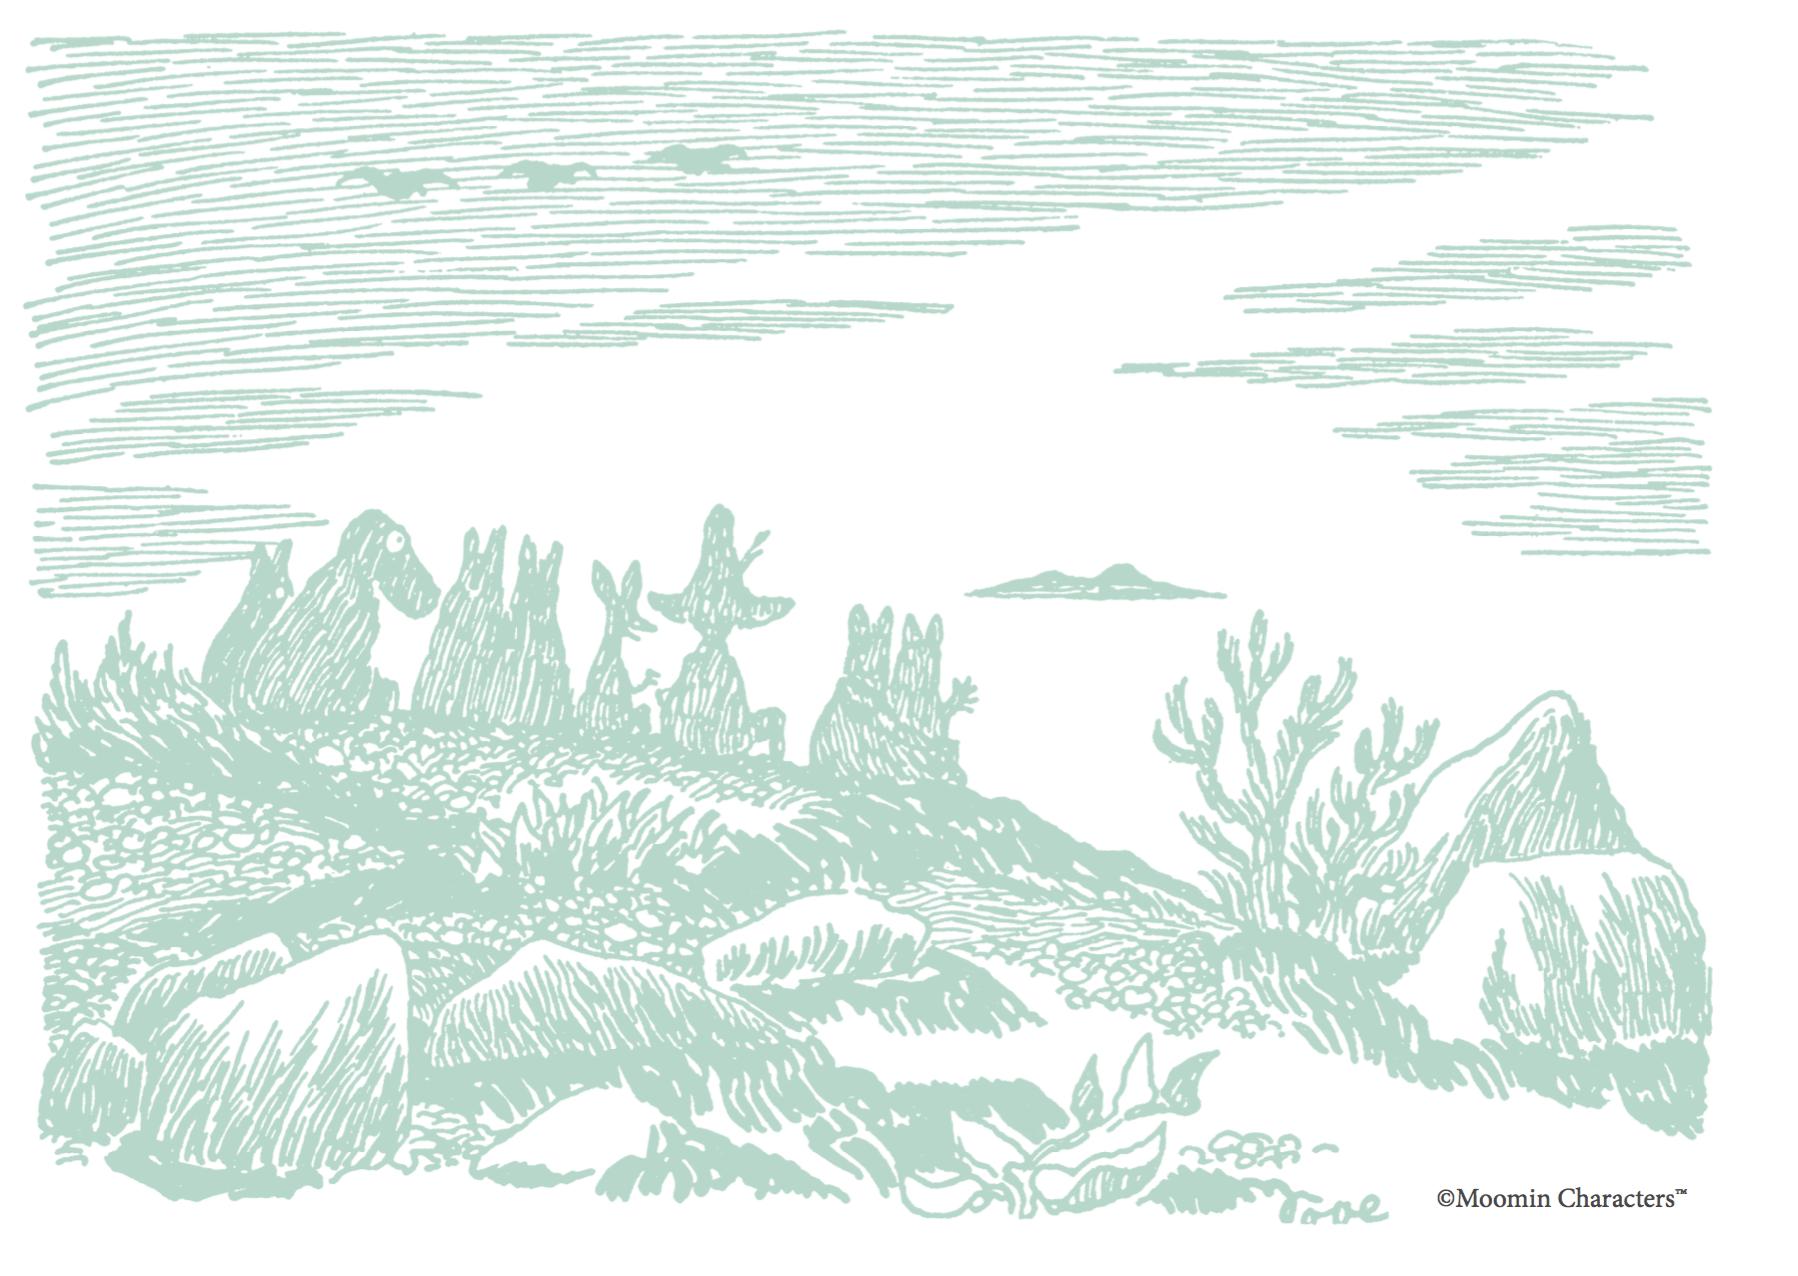 Moomin endpaper 2 + TM.png